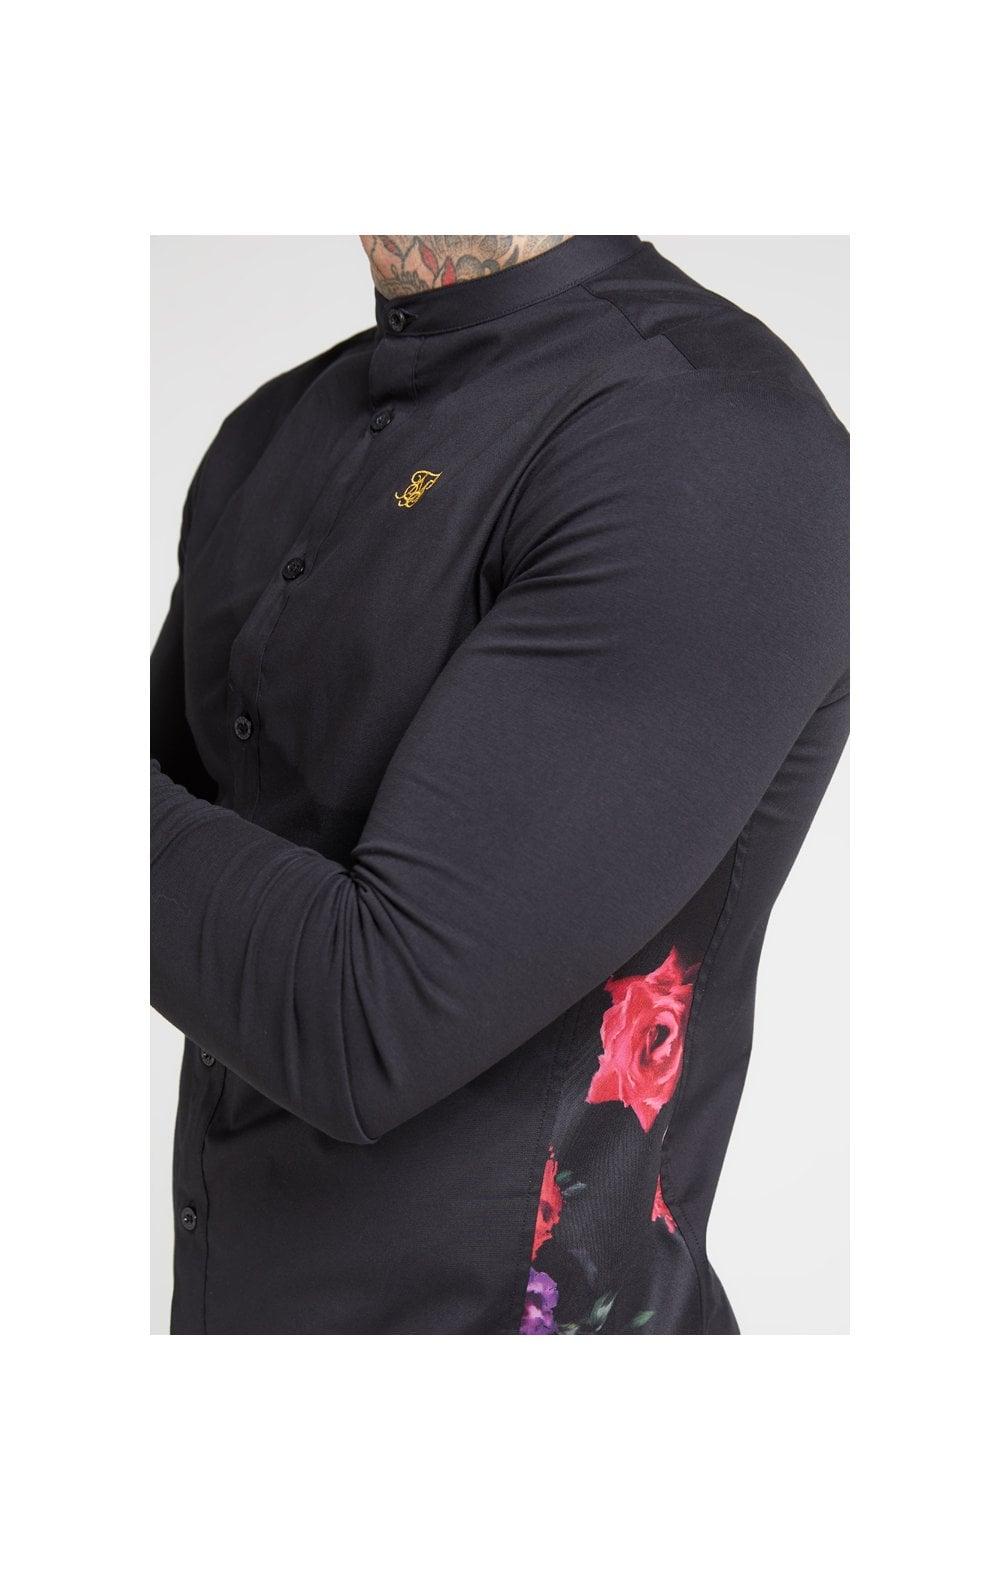 SikSilk L/S Muscle Fit Shirt - Black & Oil Paint MEN SIZES TOP: Me